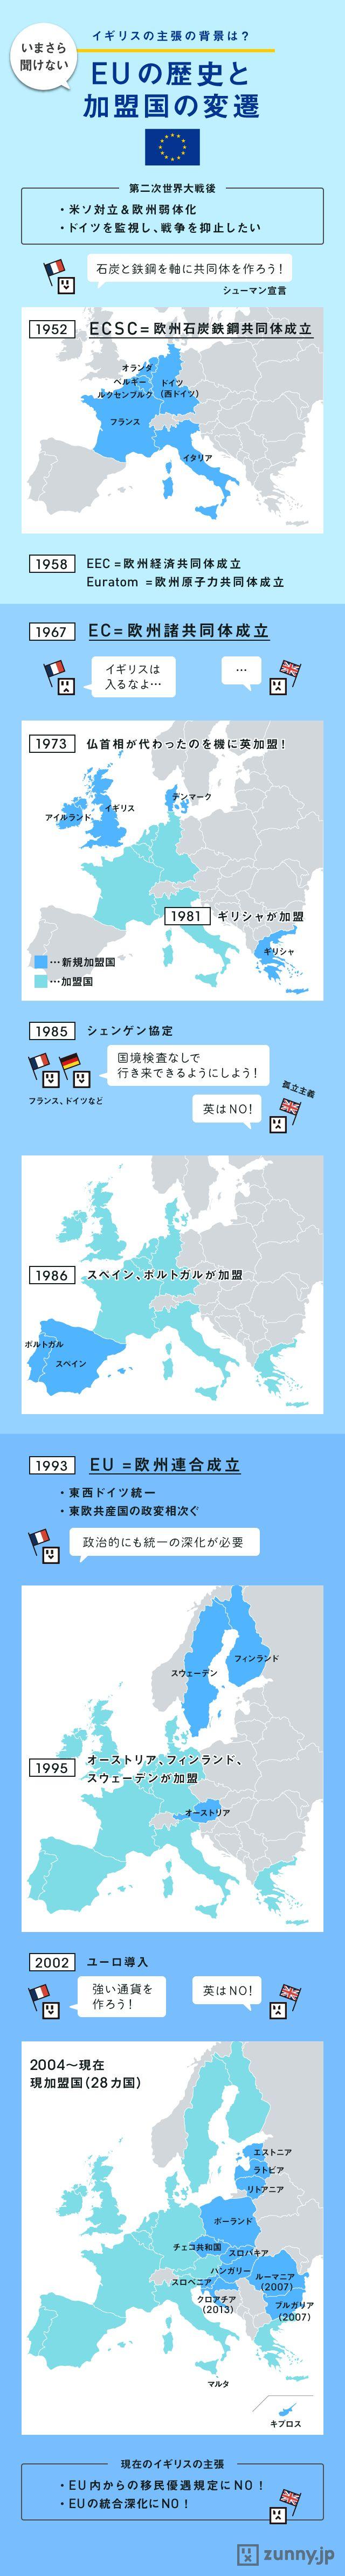 「離脱派」の主張は? EU成立とイギリスの歴史 | ZUNNY インフォグラフィック・ニュース